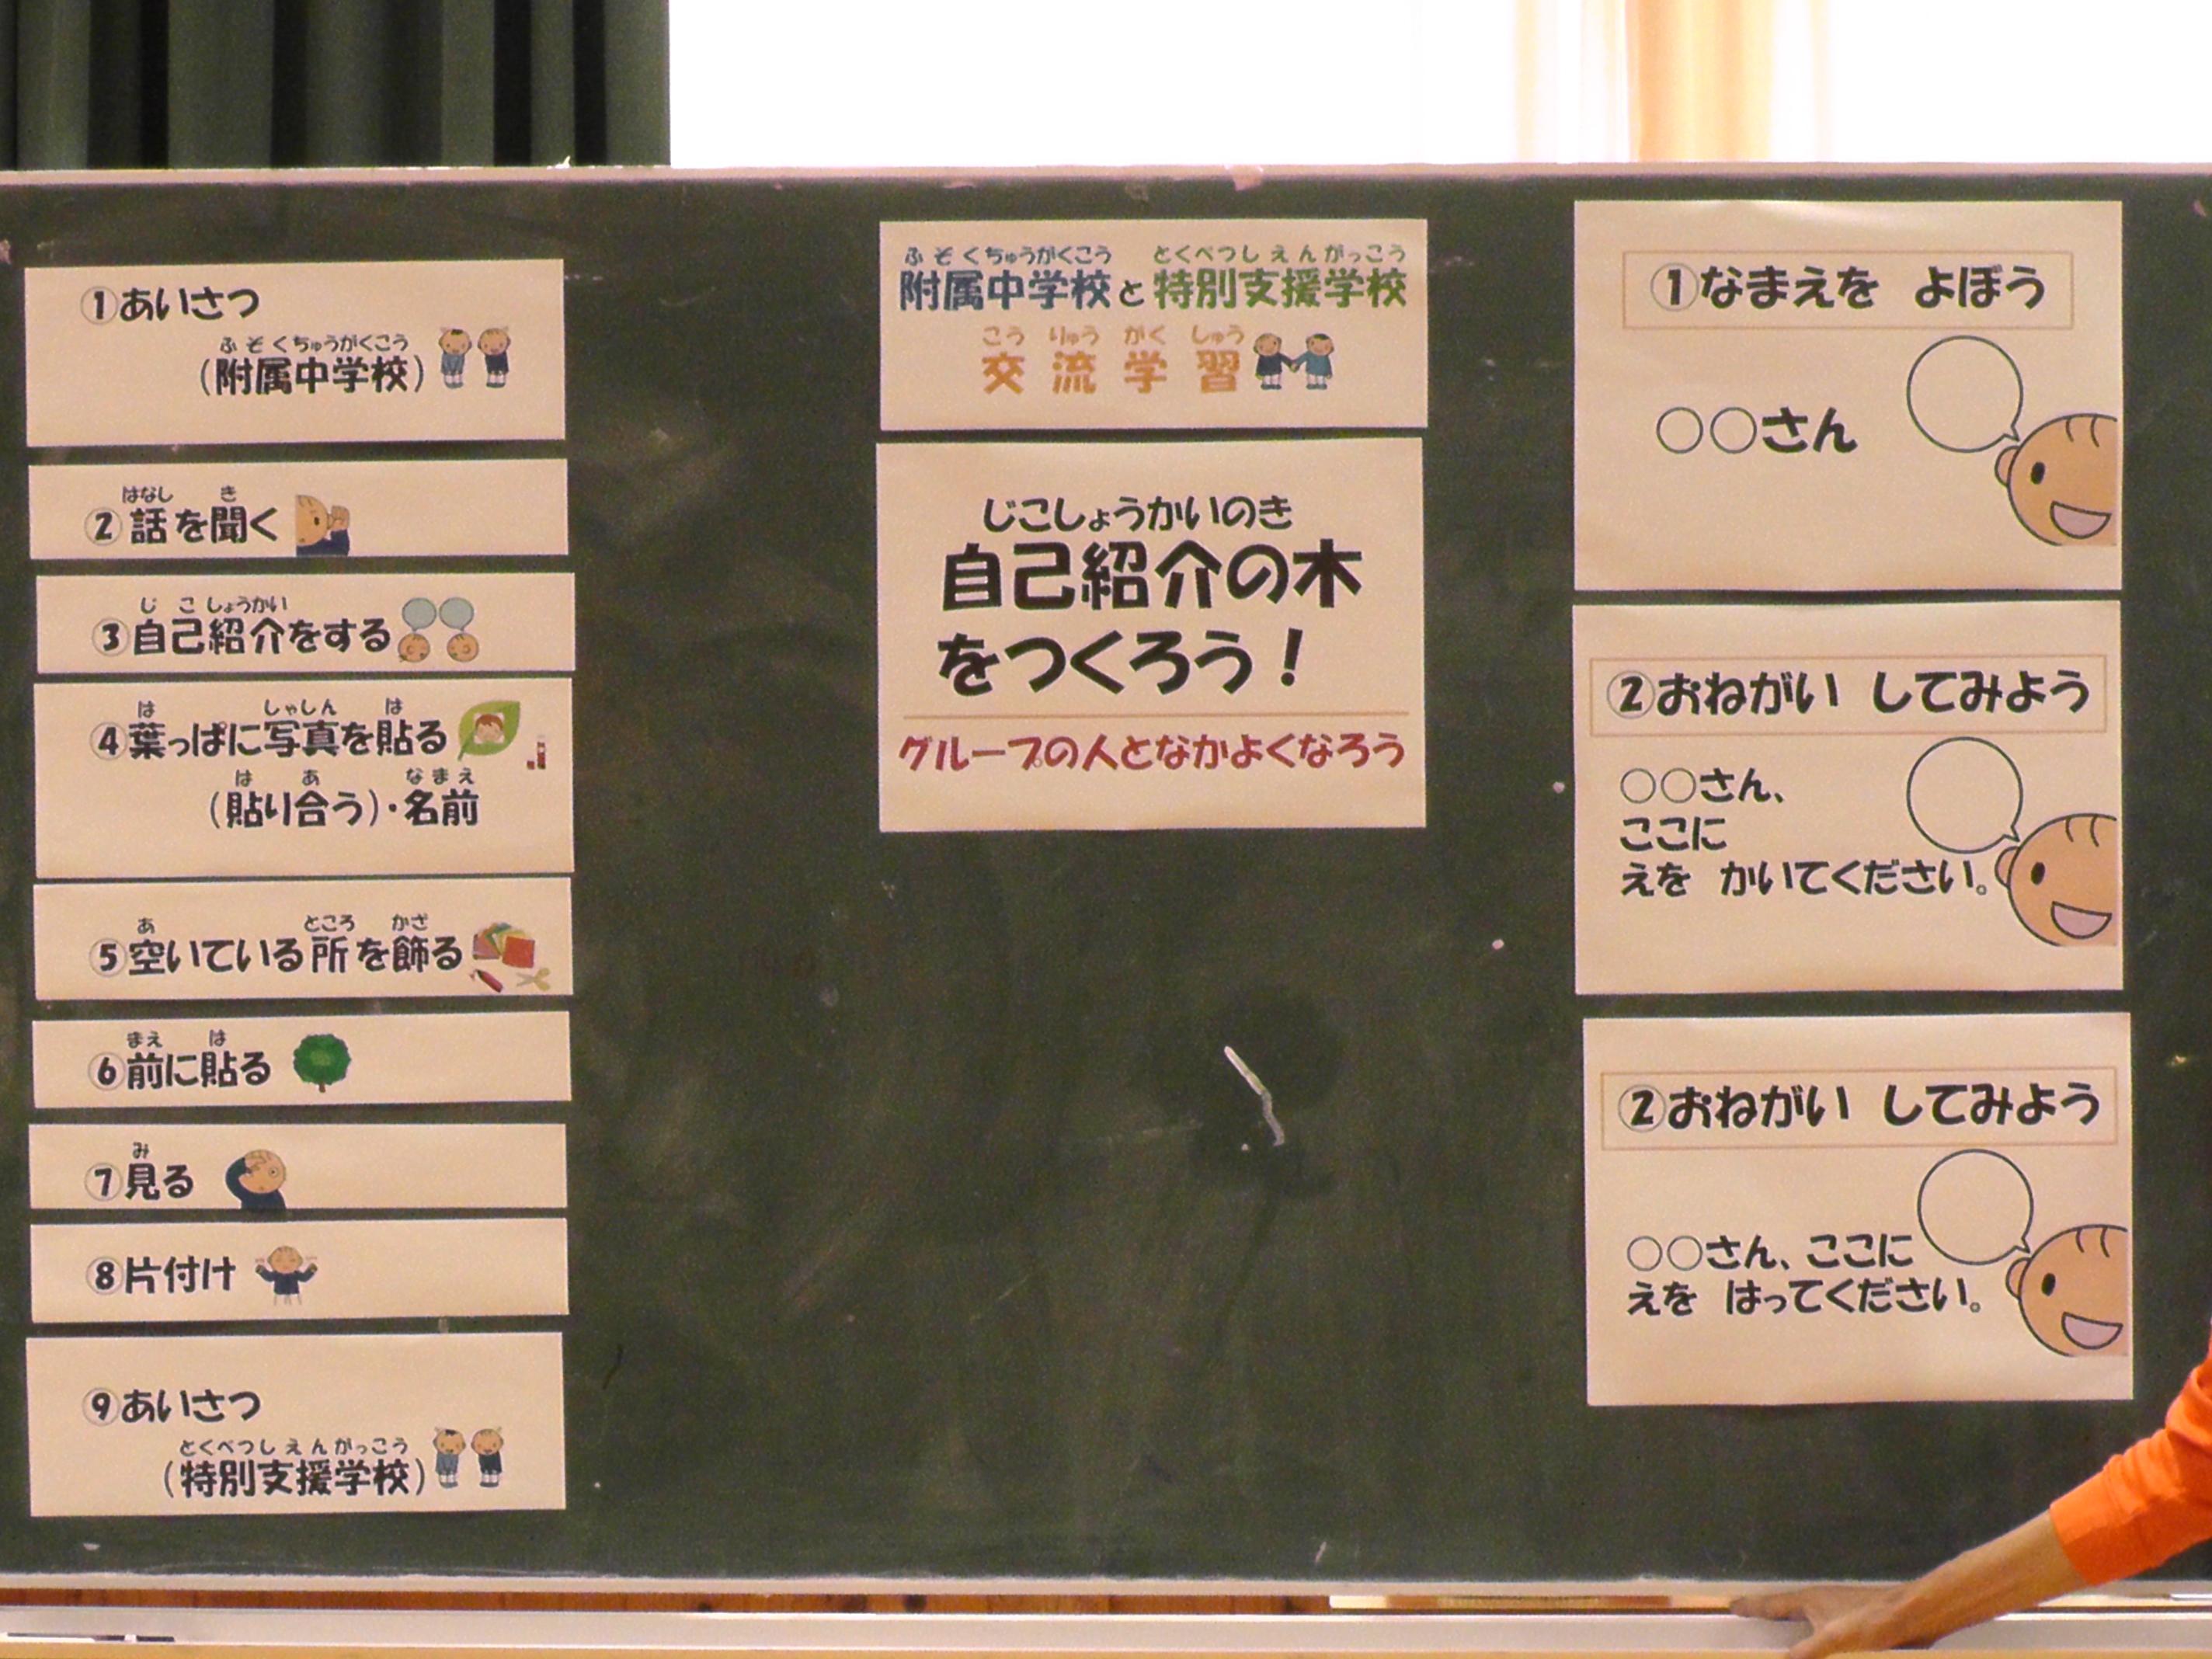 http://www.fuzoku.edu.mie-u.ac.jp/chu/garhetj.JPG